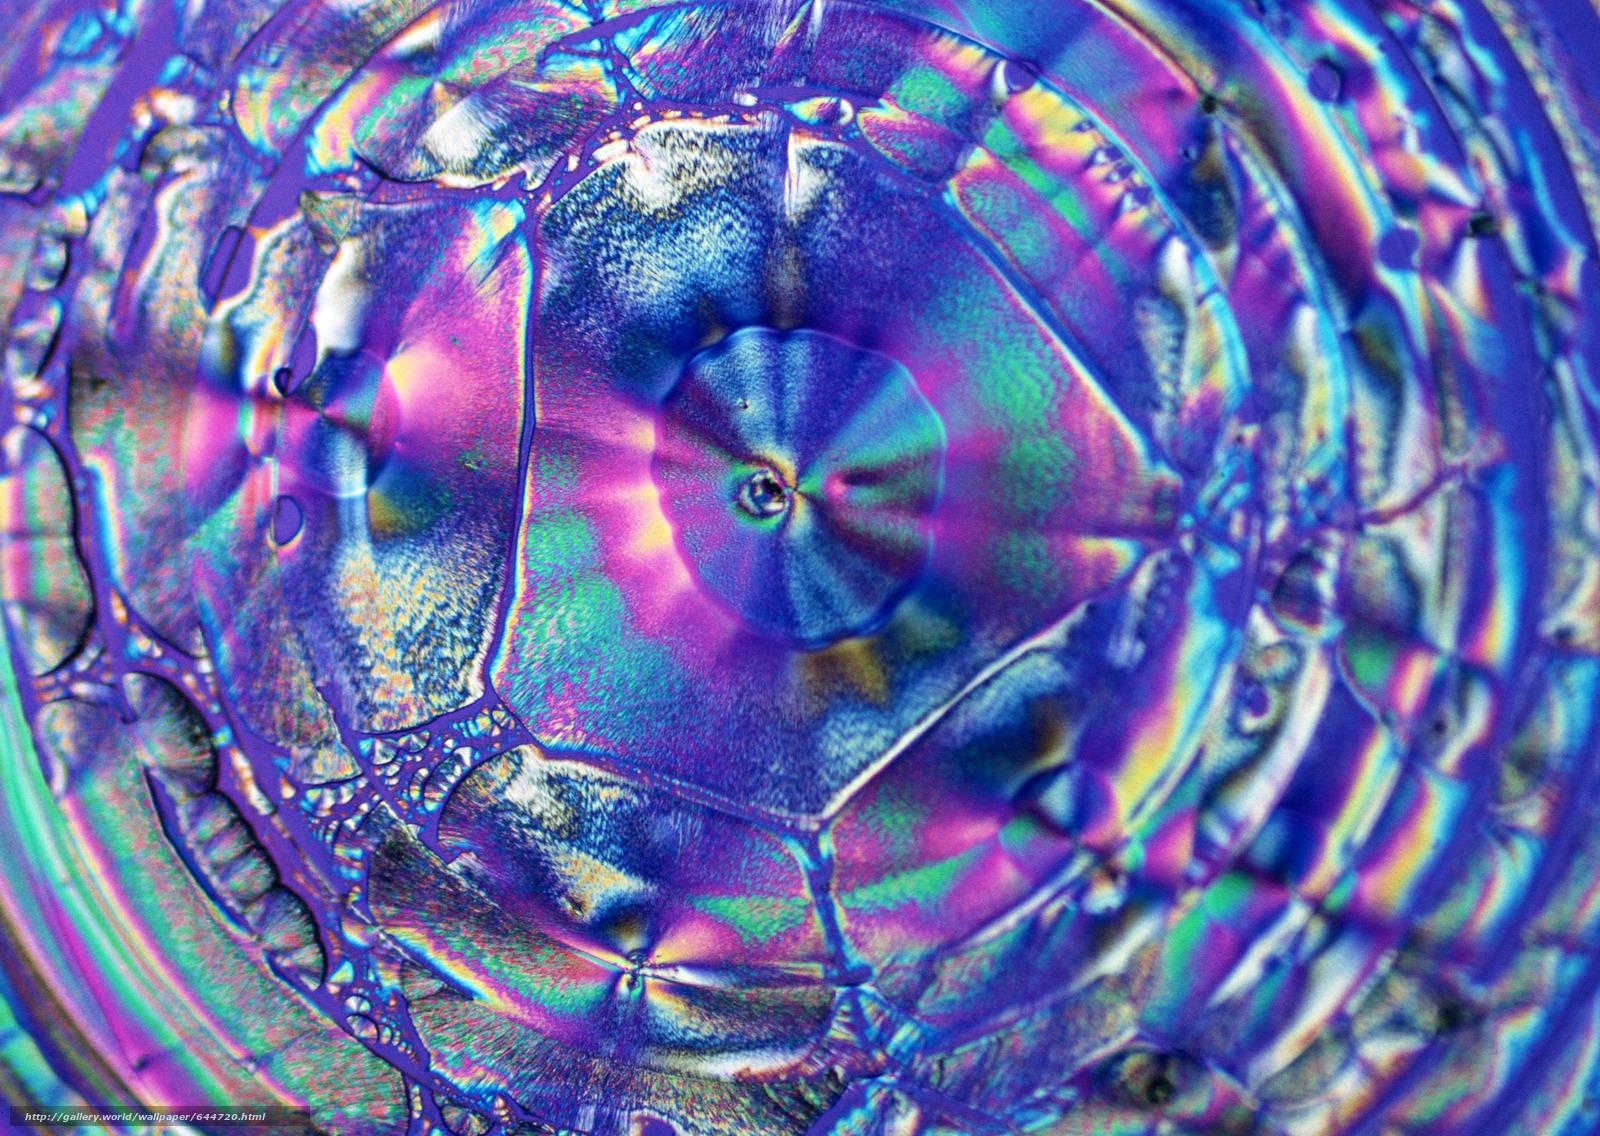 Скачать обои кристаллы под микроскопом,  кристалл,  микроскоп,  увеличение бесплатно для рабочего стола в разрешении 2950x2094 — картинка №644720